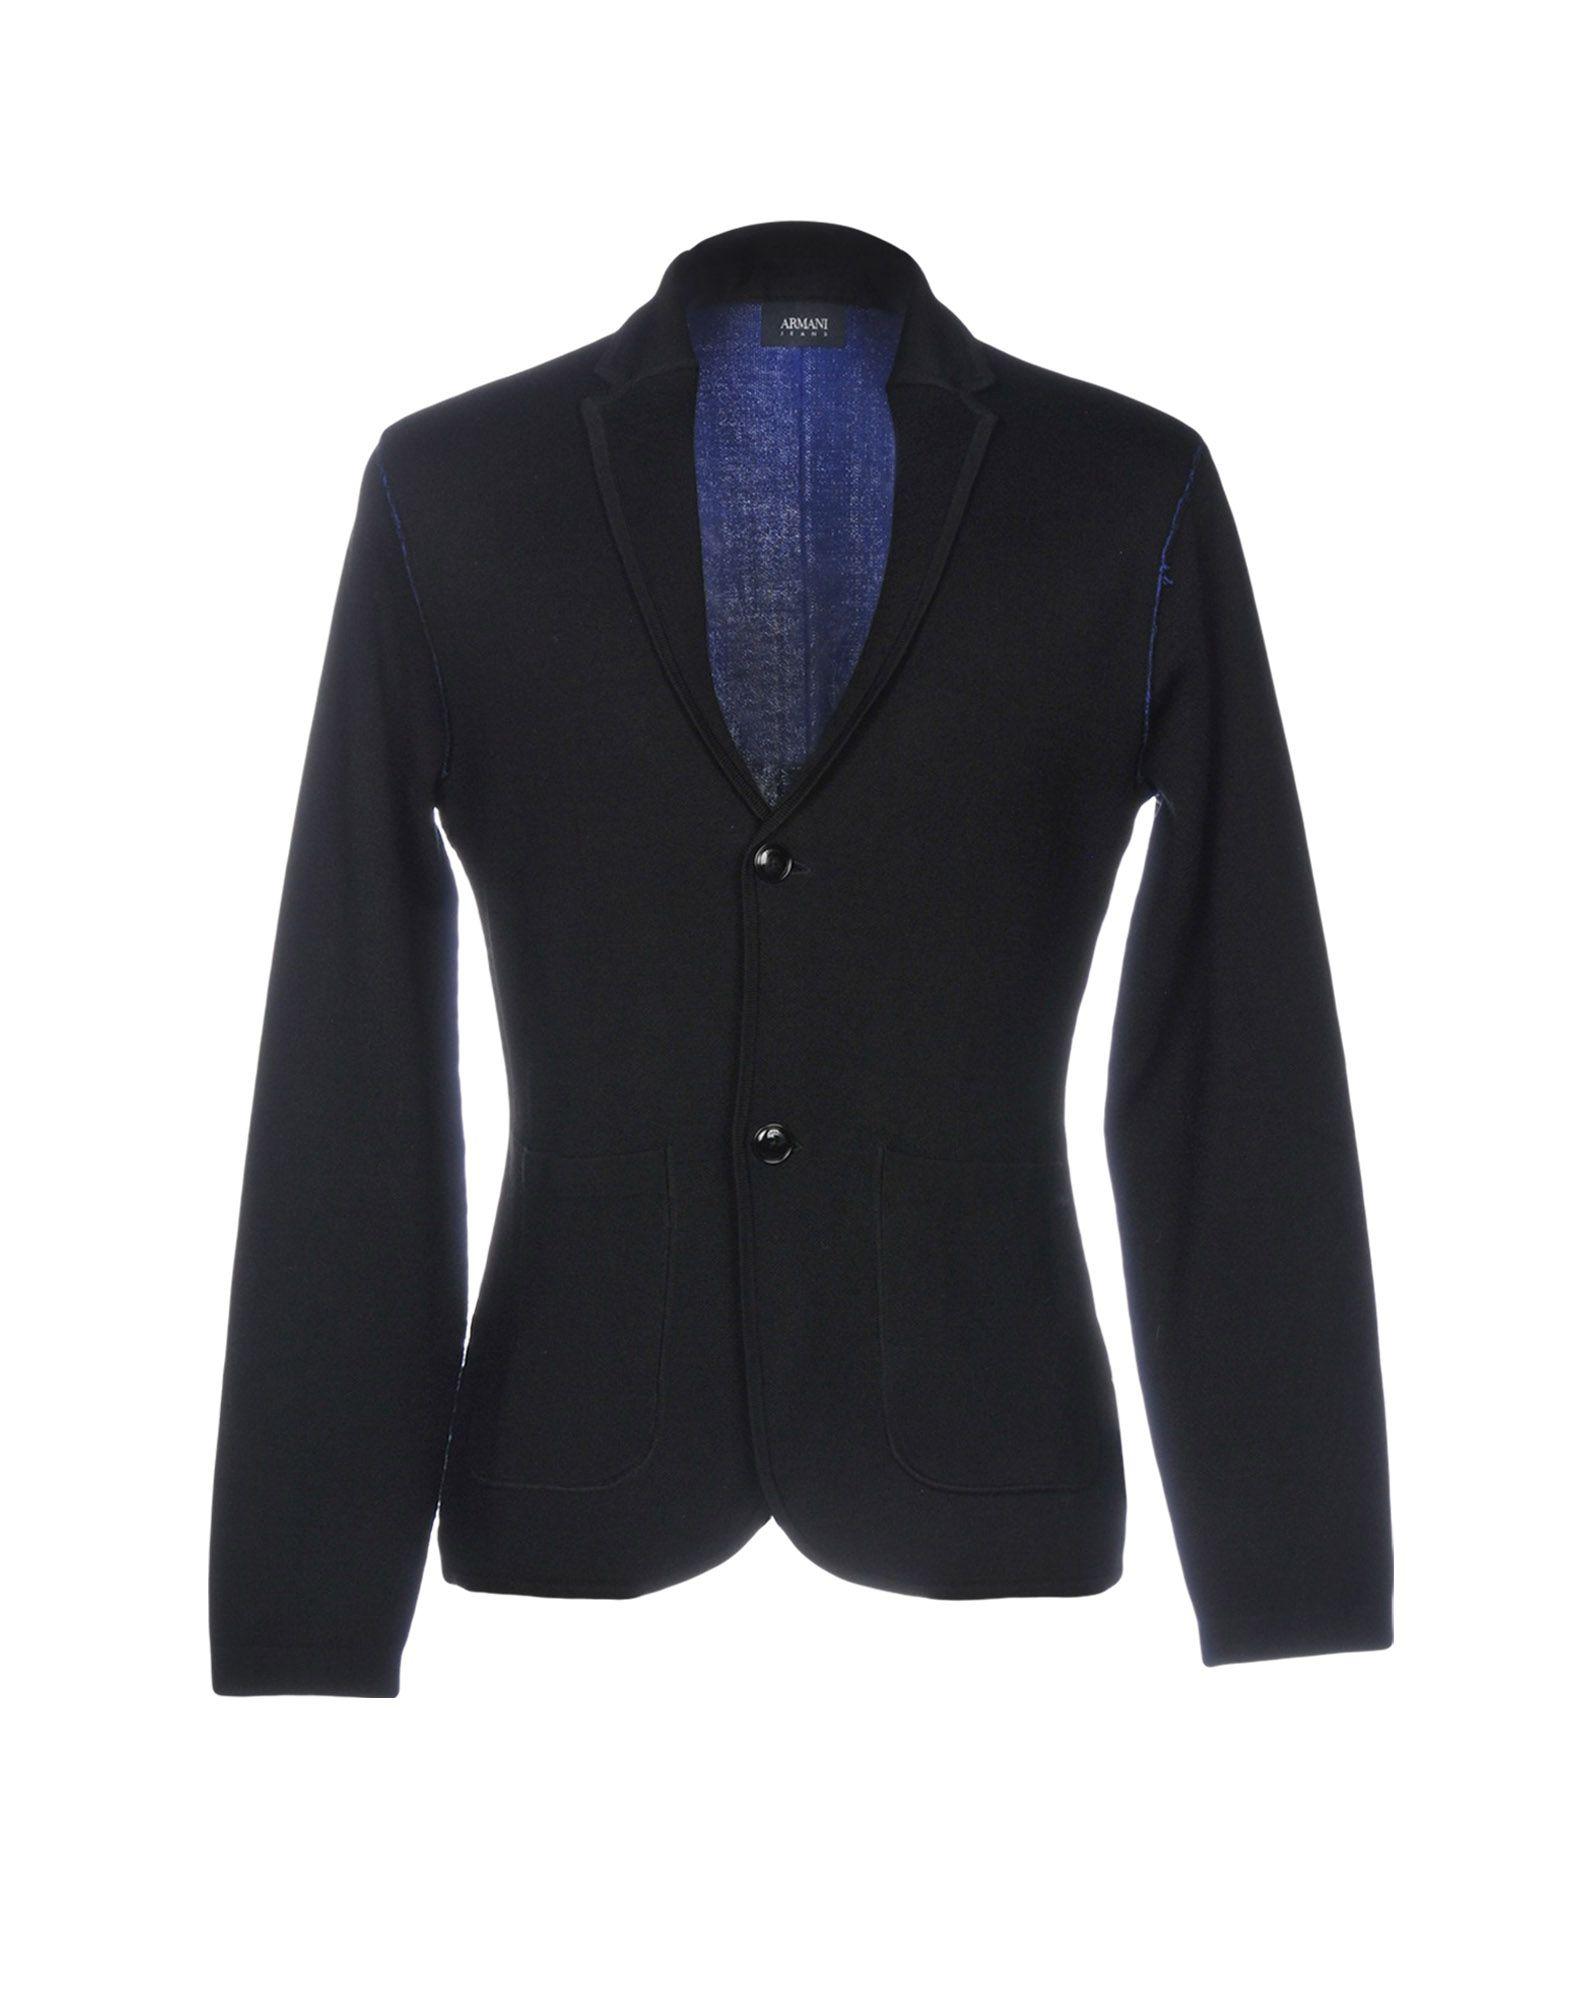 купить пиджак в екатеринбурге мужской